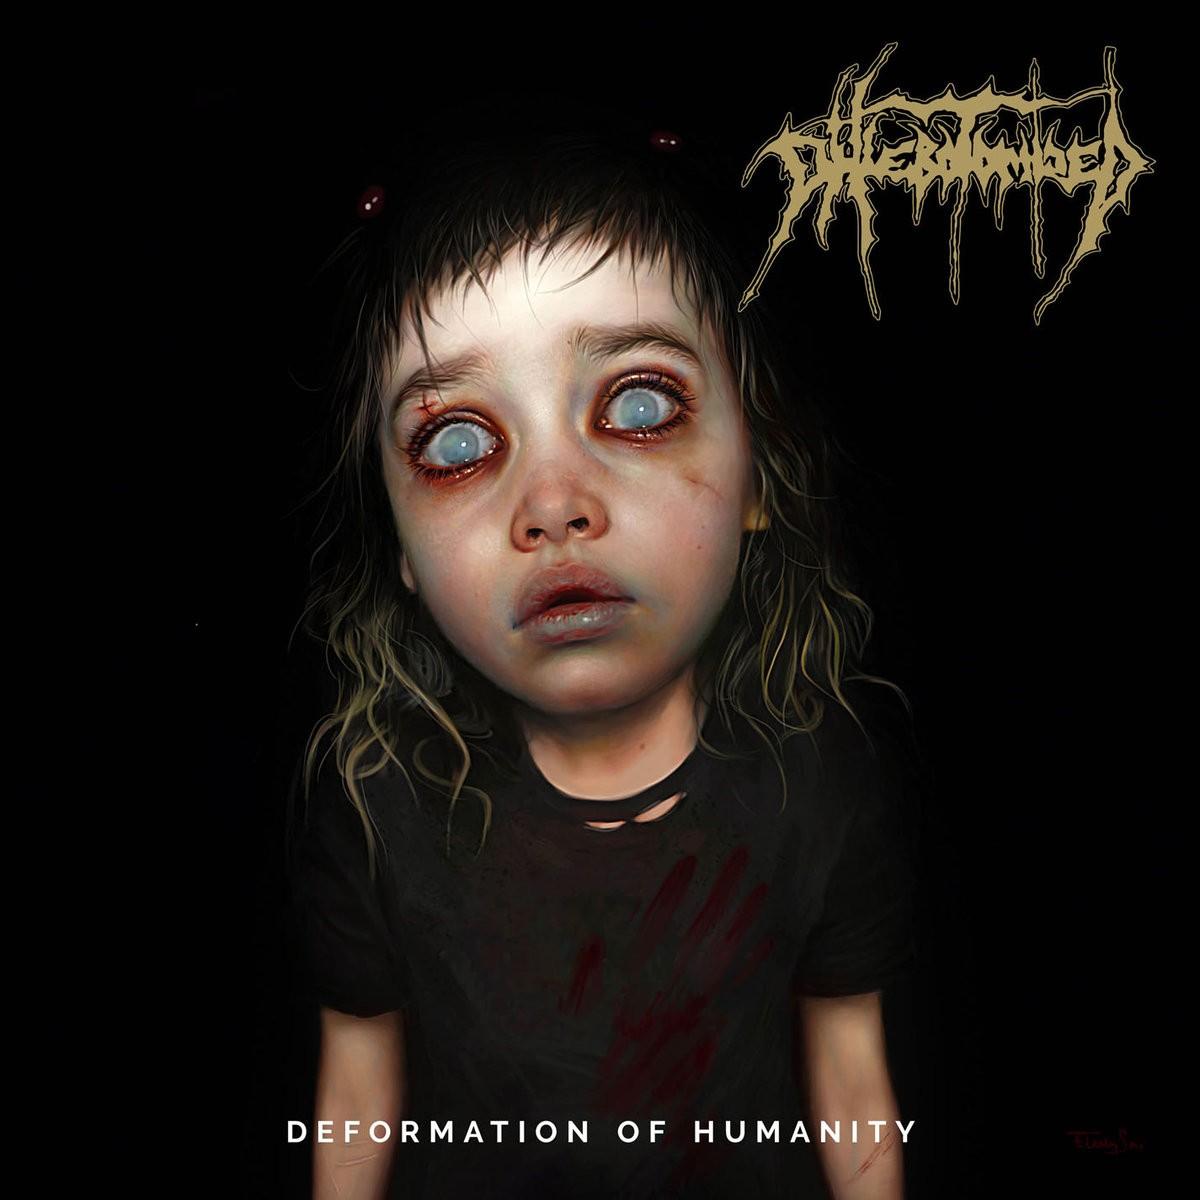 Αποτέλεσμα εικόνας για phlebotomized deformation of humanity